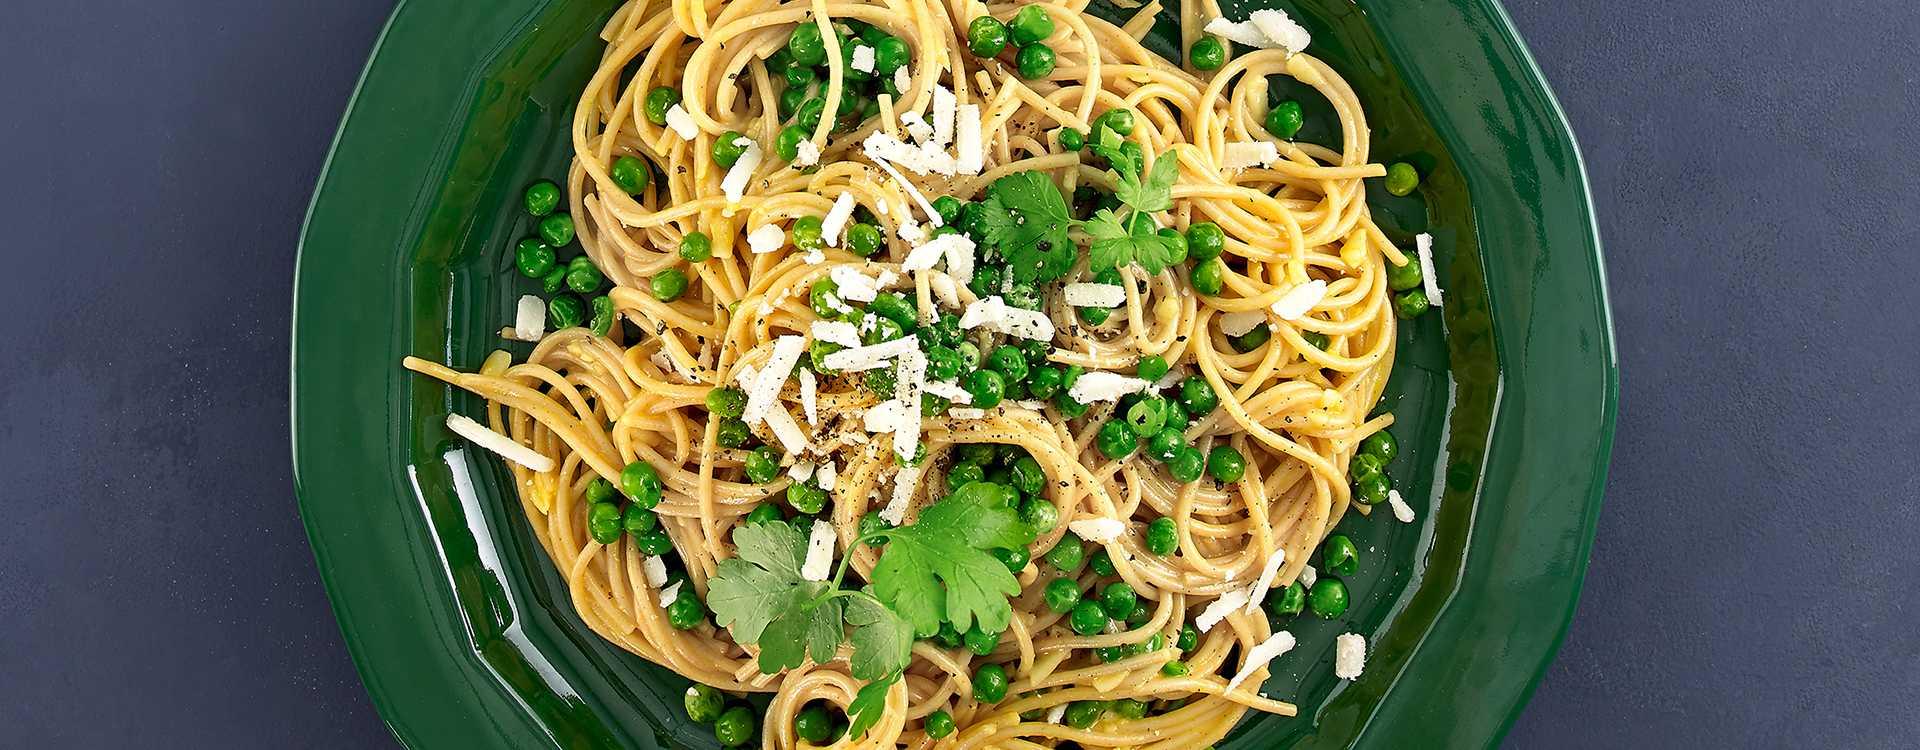 Pasta a lá carbonara med grønne erter og persille